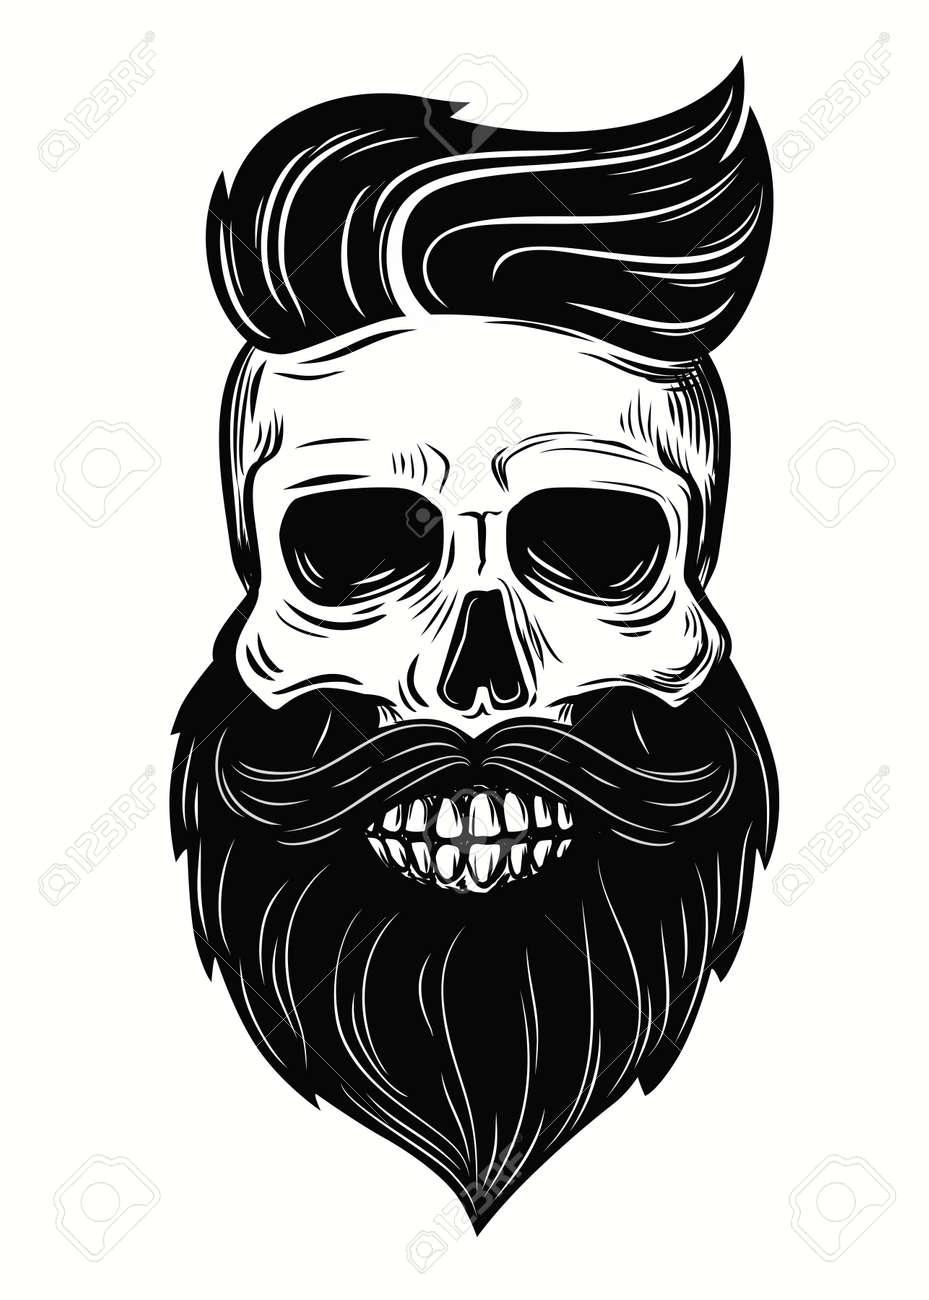 Bearded skull illustration on white background - 64172721